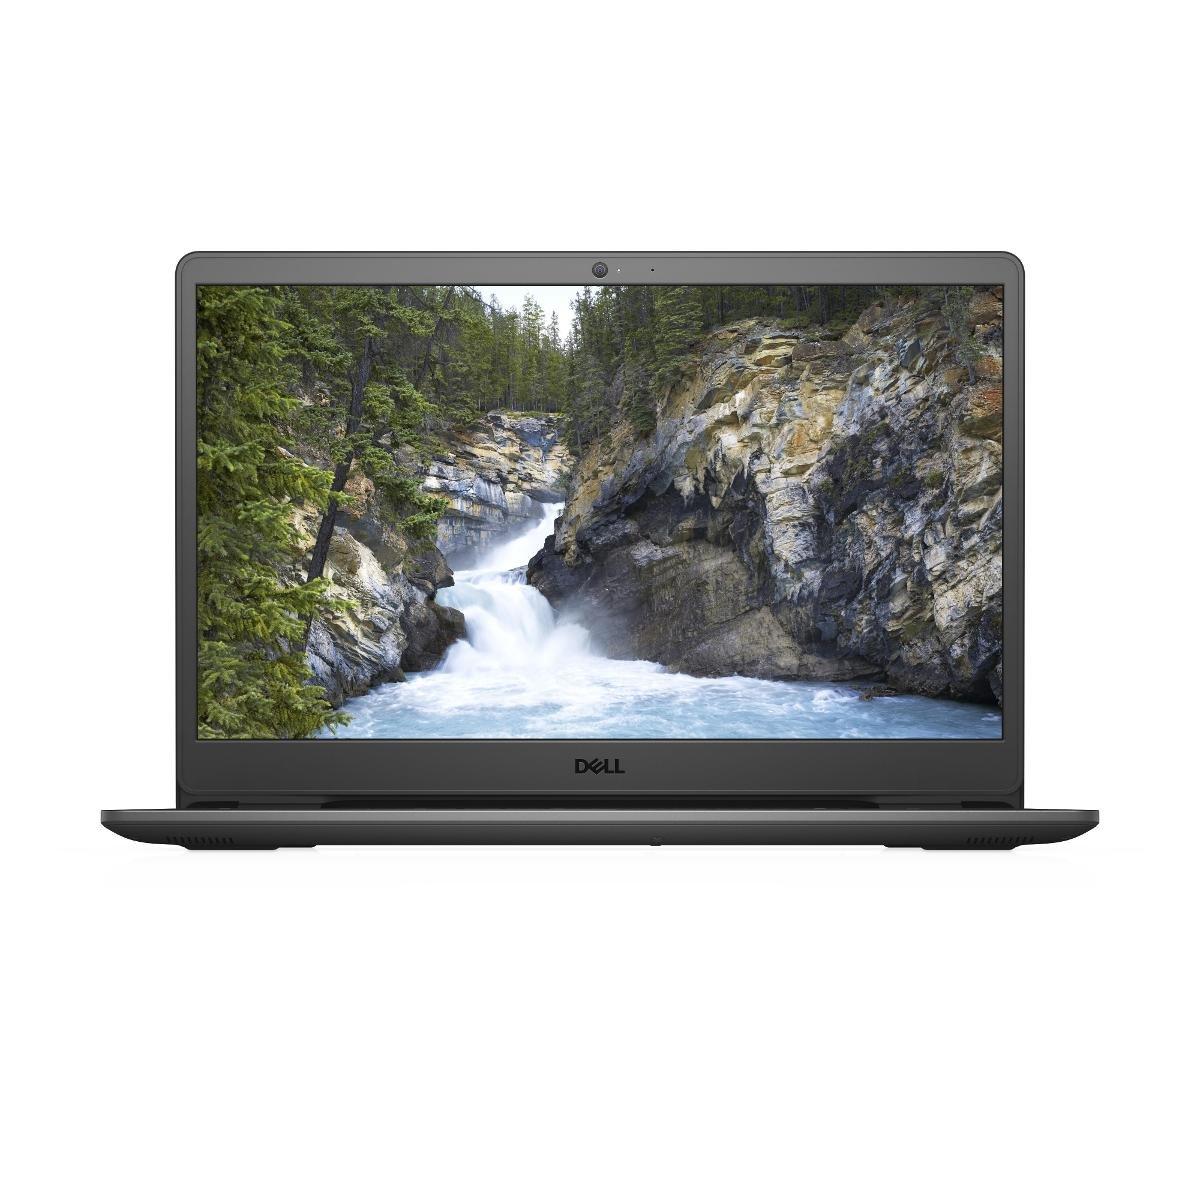 """Laptop, Dell Inspiron 3501 i3-1005G1, 15.6"""", FHD, 4GB, DDR4, SSD 256GB Intel UHD Graphics 620 Windows 10 Black 1BWOS+1YCAR"""